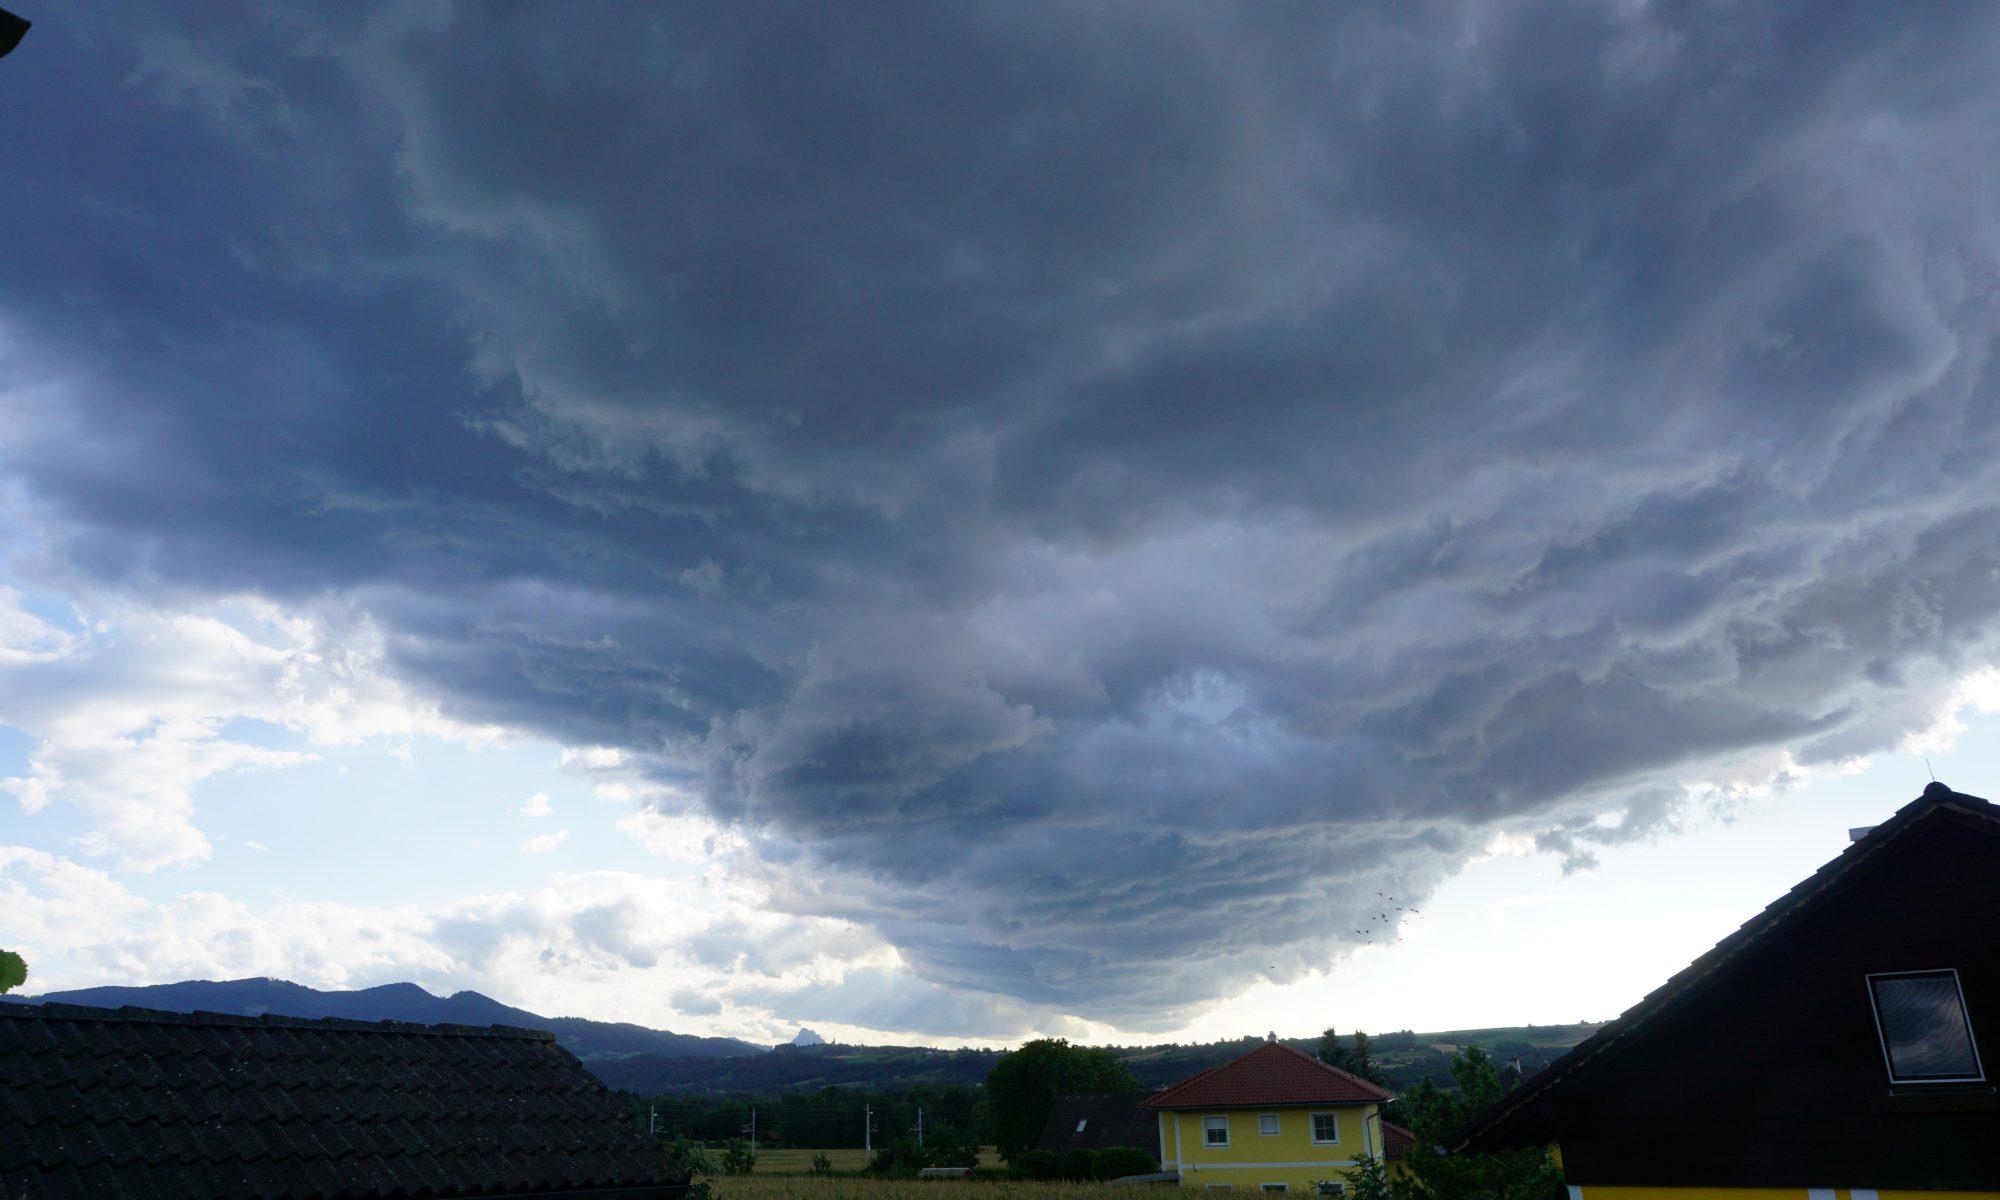 Wolken ziehen vorüber